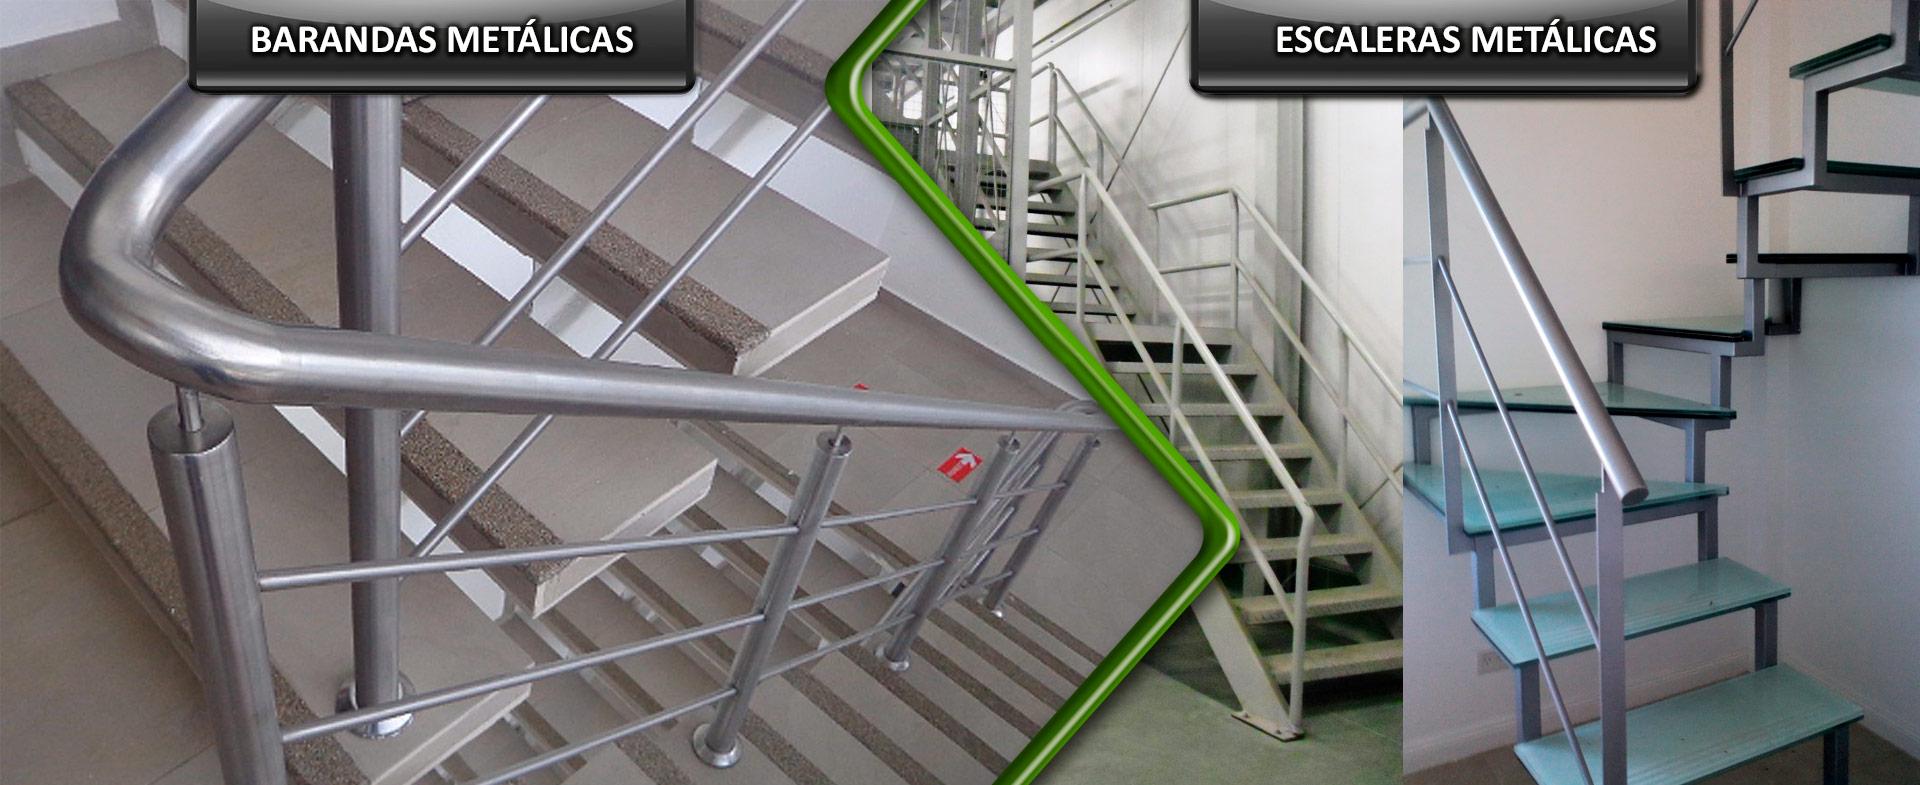 Met licas rosales proyectos construcci n y fabricaci n for Construccion de escaleras metalicas